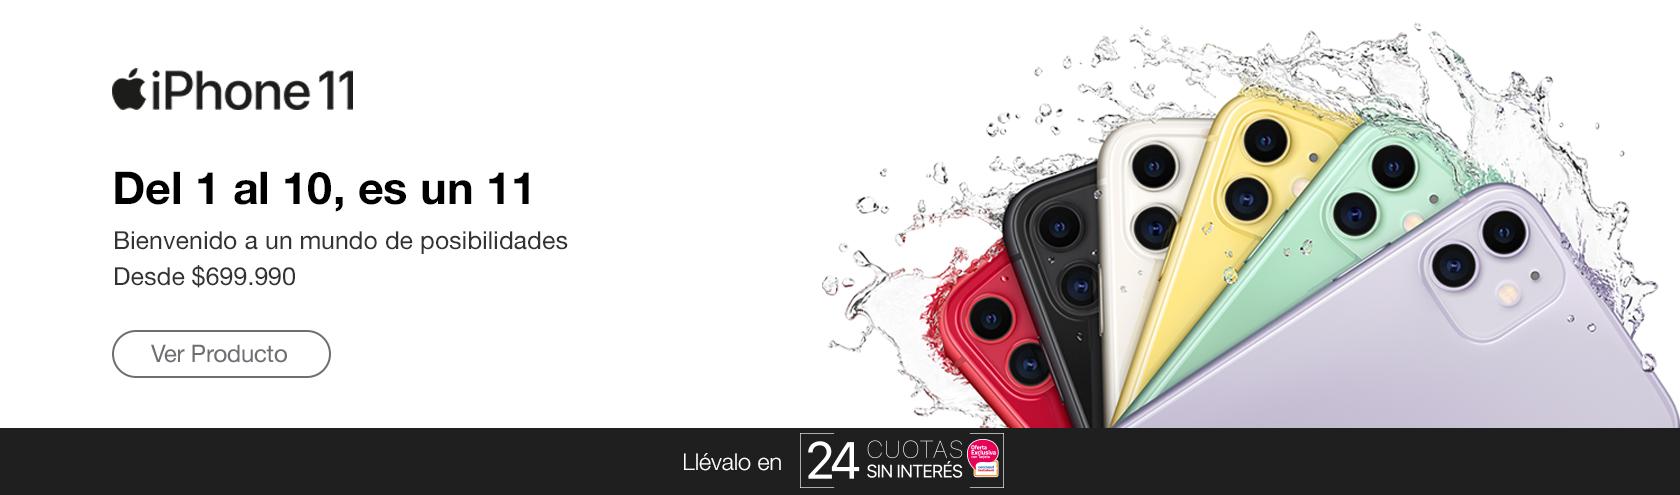 Lanzamiento nuevo iPhone 11